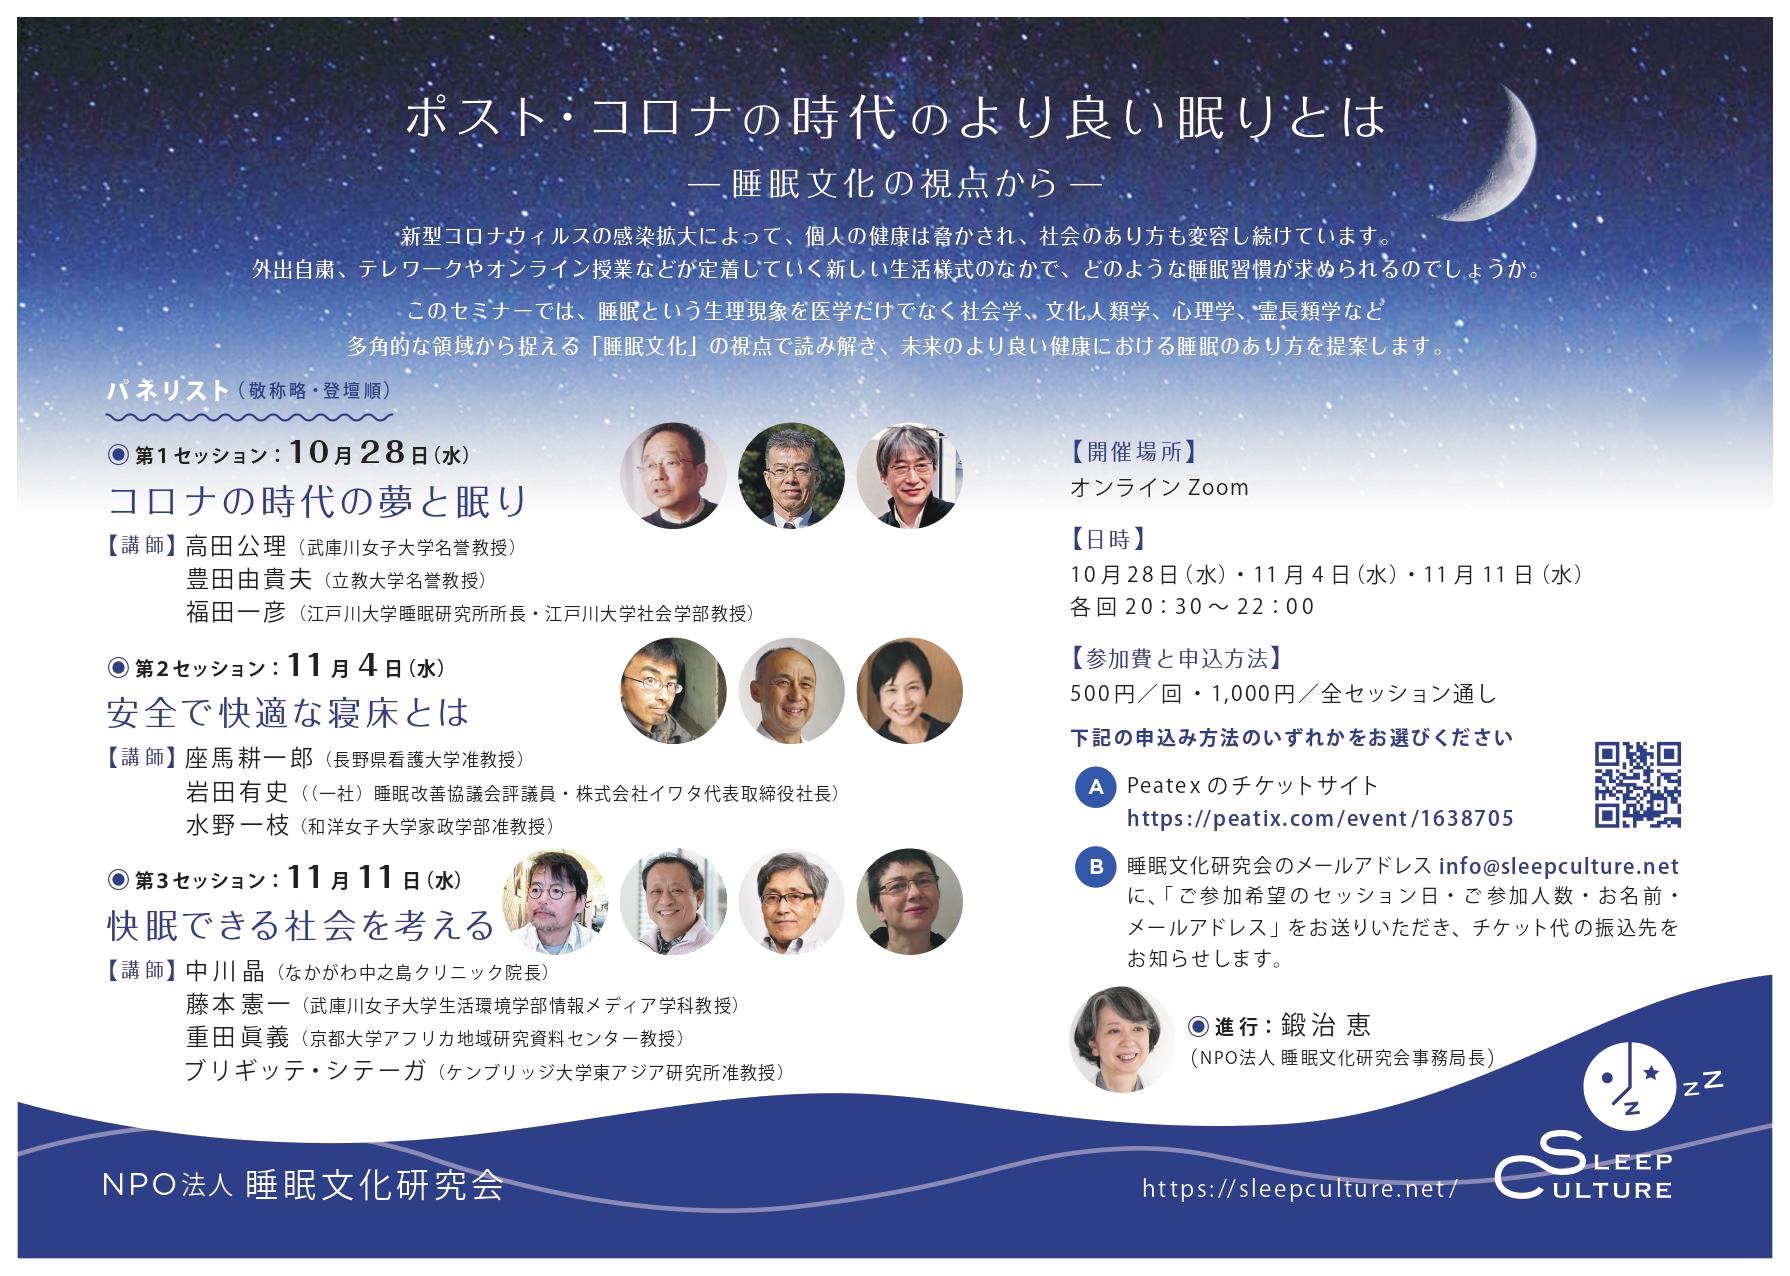 睡眠文化研究会 オンラインセミナーのご案内